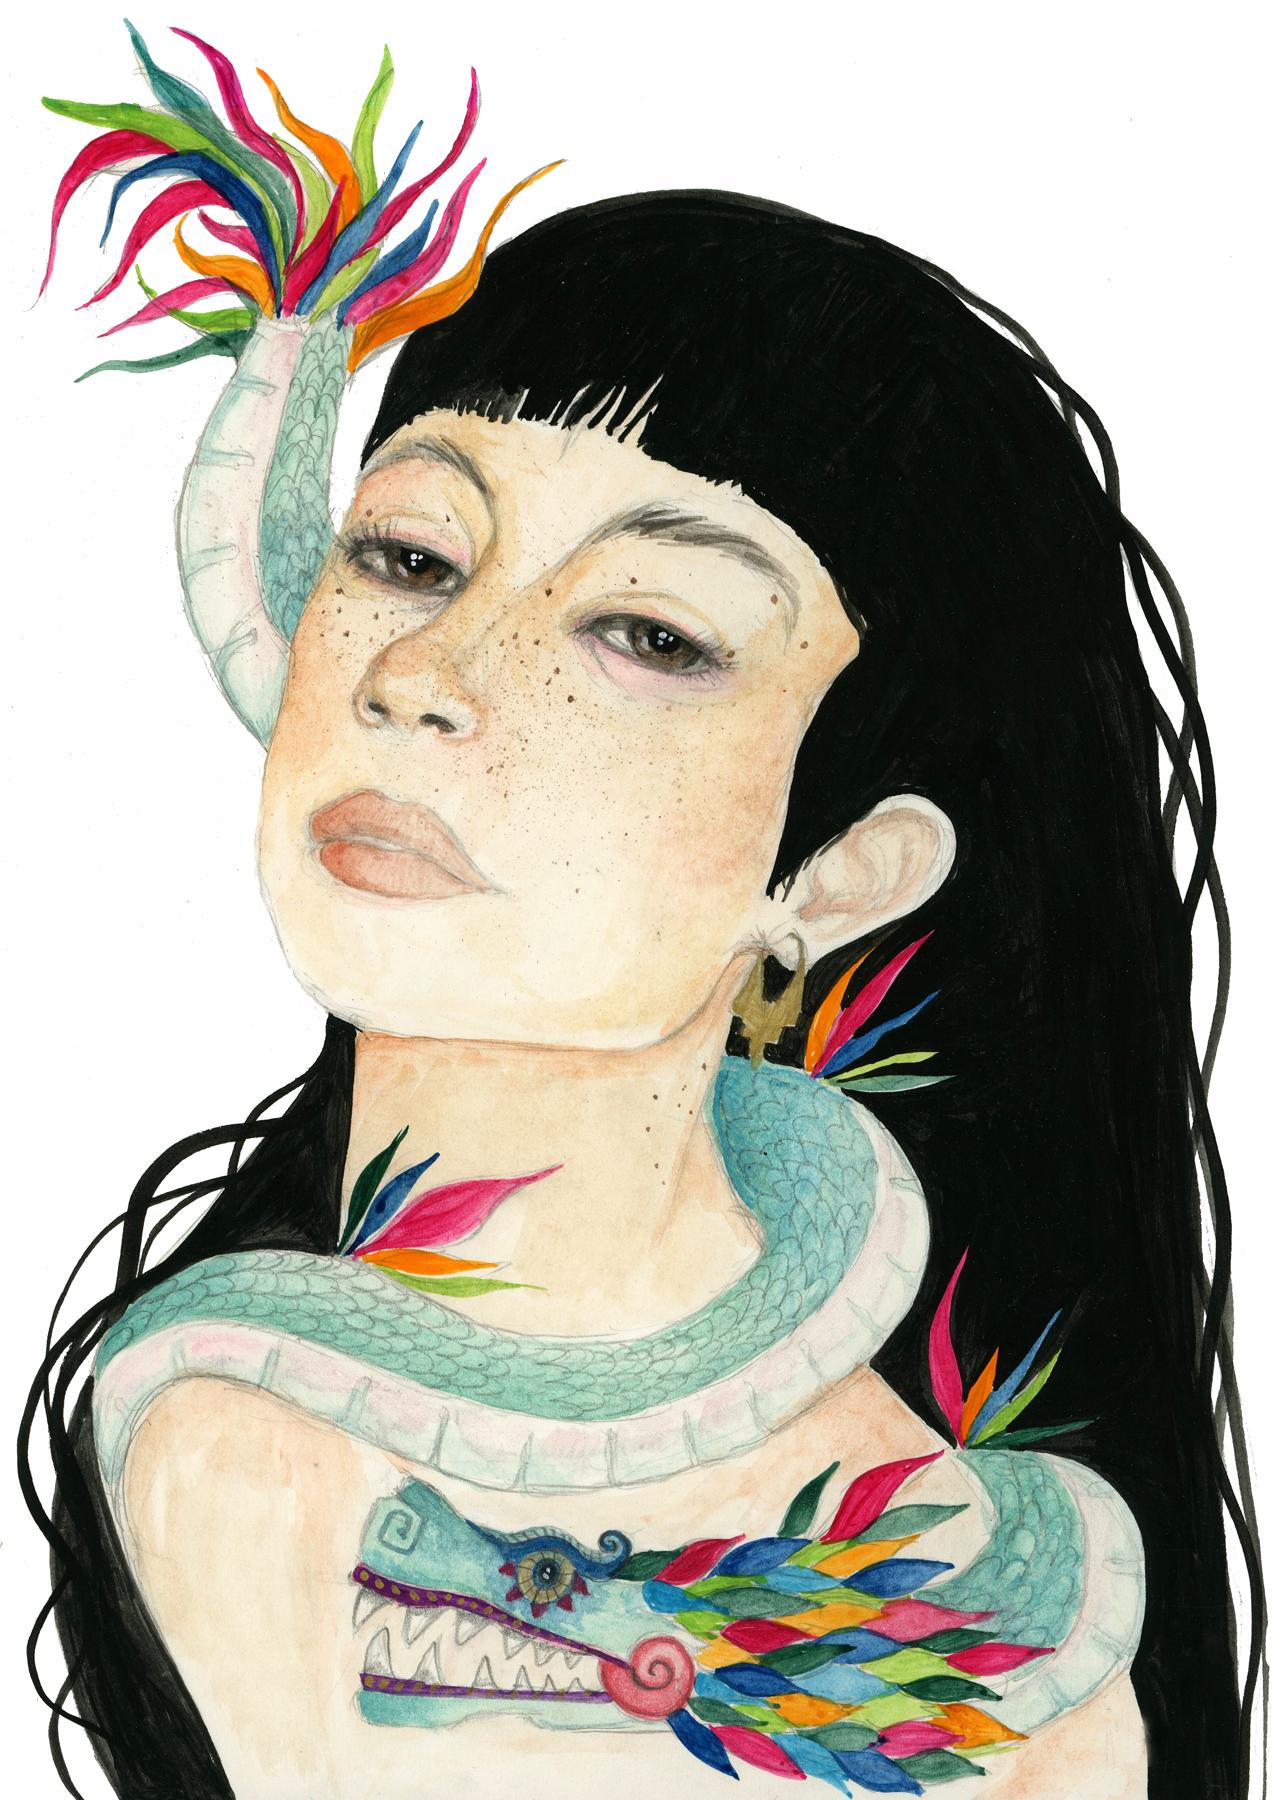 Quetzacoatl & Freckles